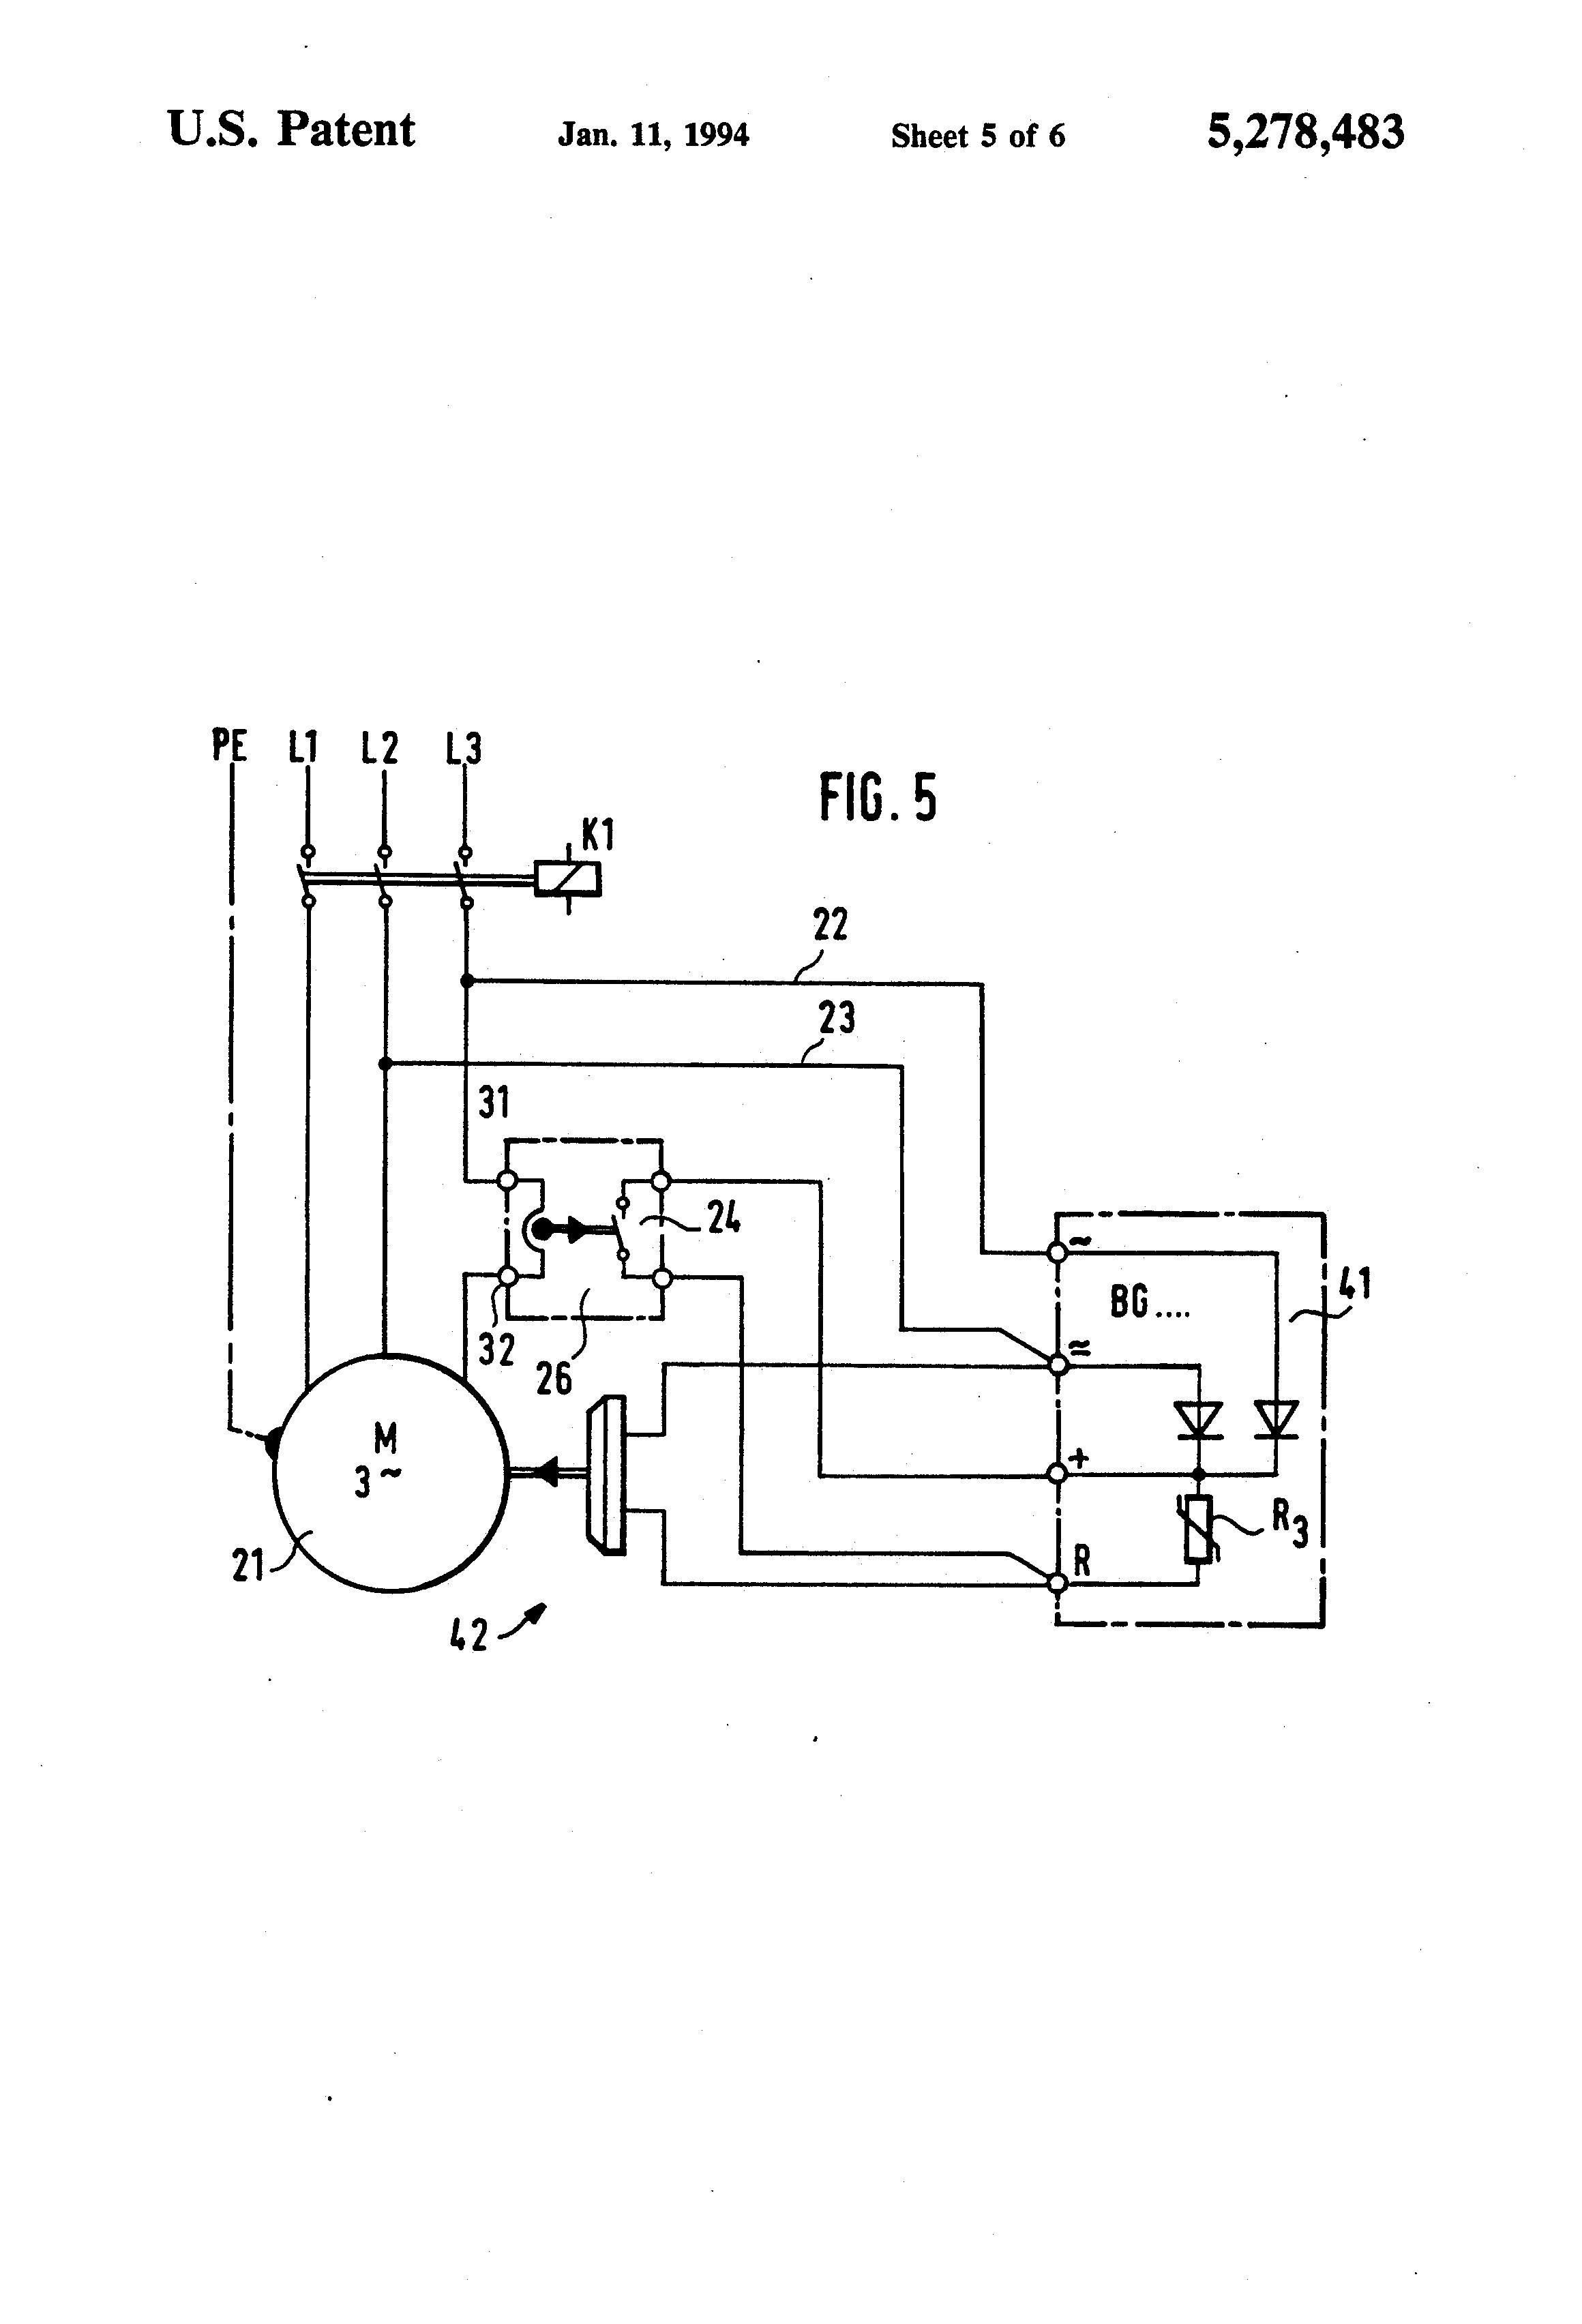 Sew Motor Wiring Terminal 12 - Electrical Work Wiring Diagram •